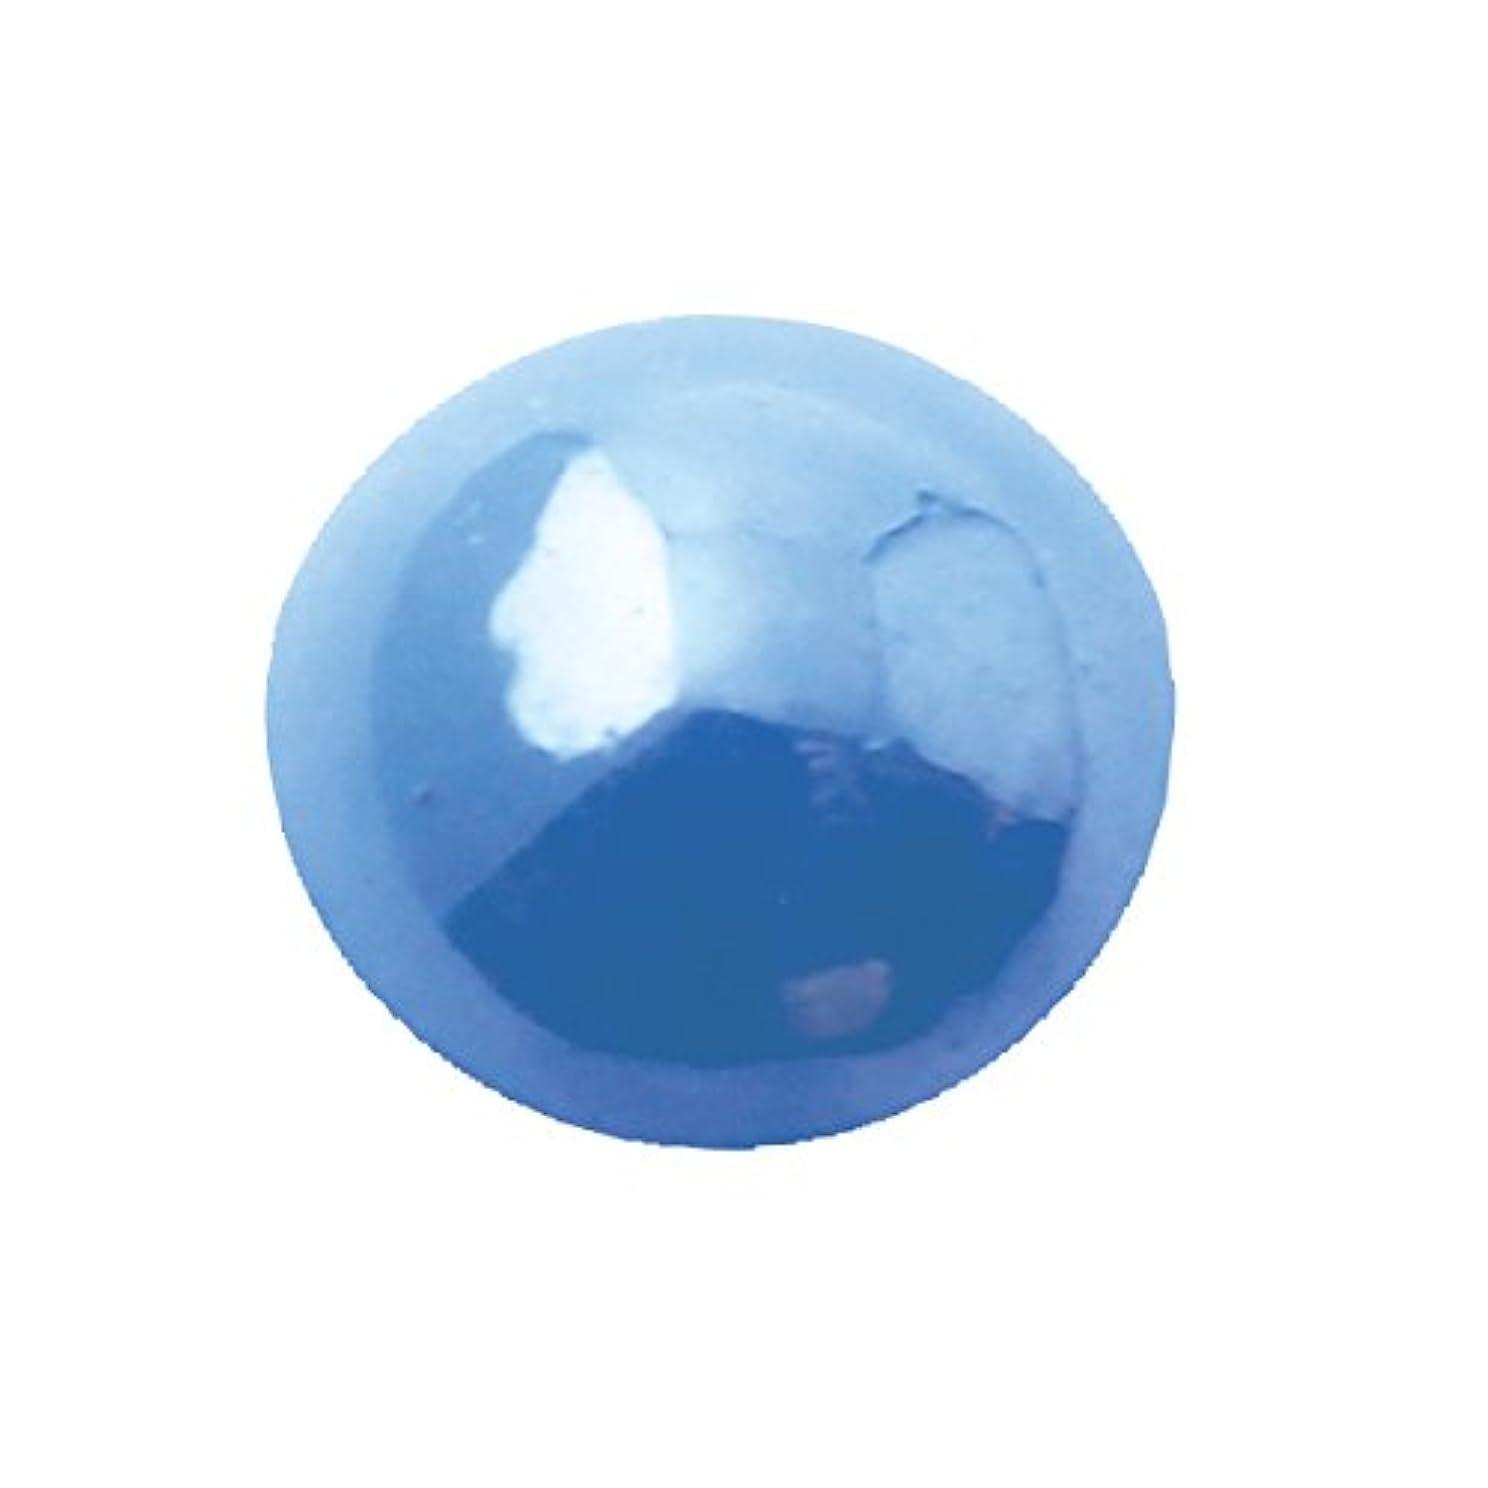 部分的に申請中飛行機グラスパールラウンド 5mm(各30個) ブルー